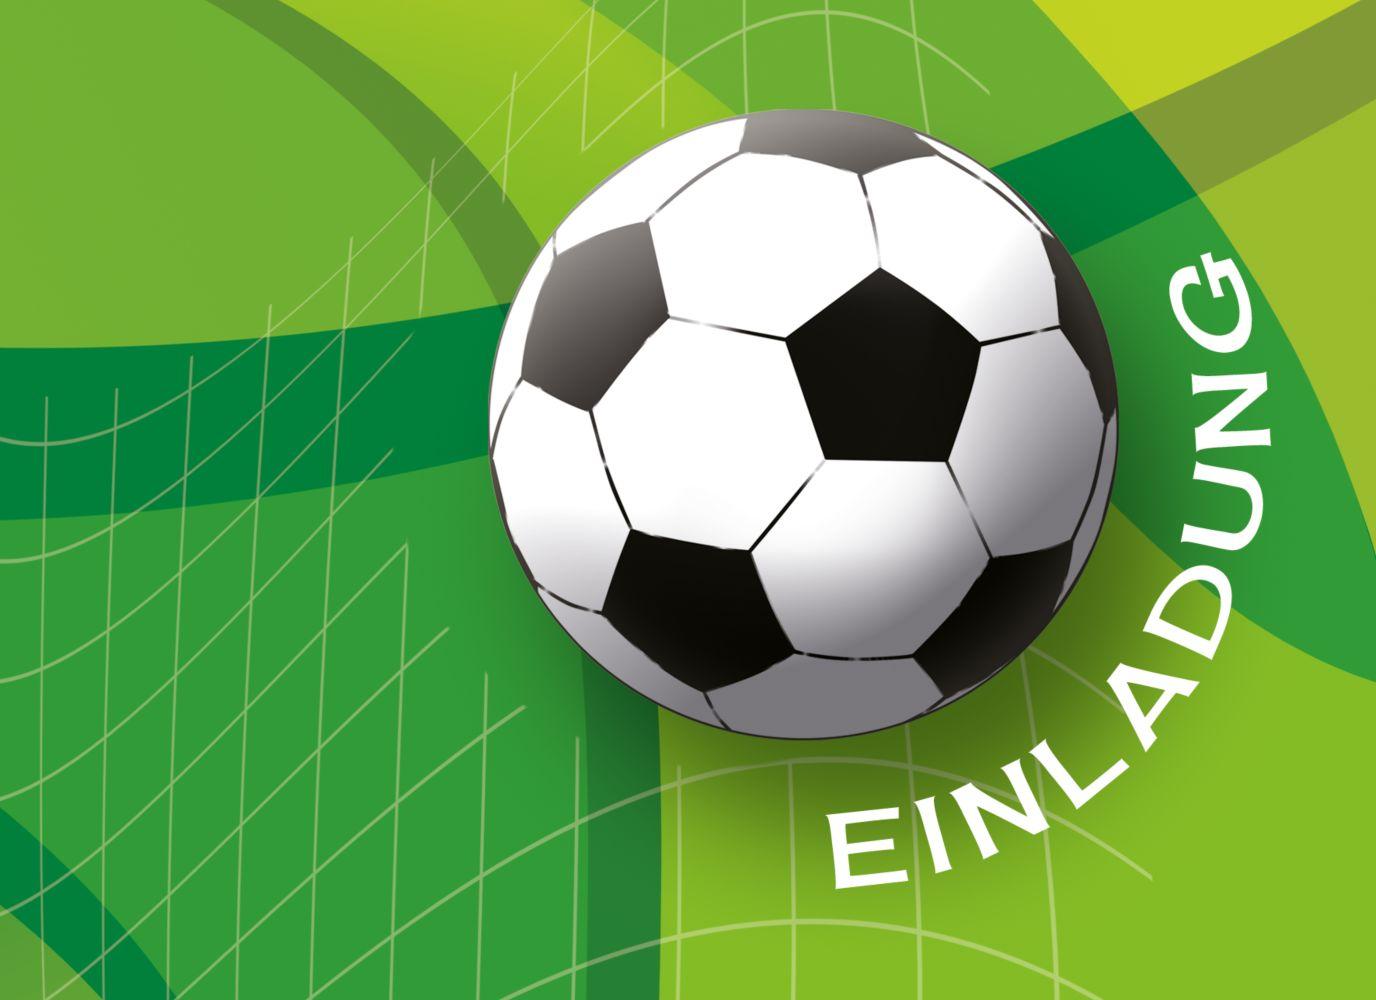 Ansicht 3 - Einladung zum Geburtstag Fußball